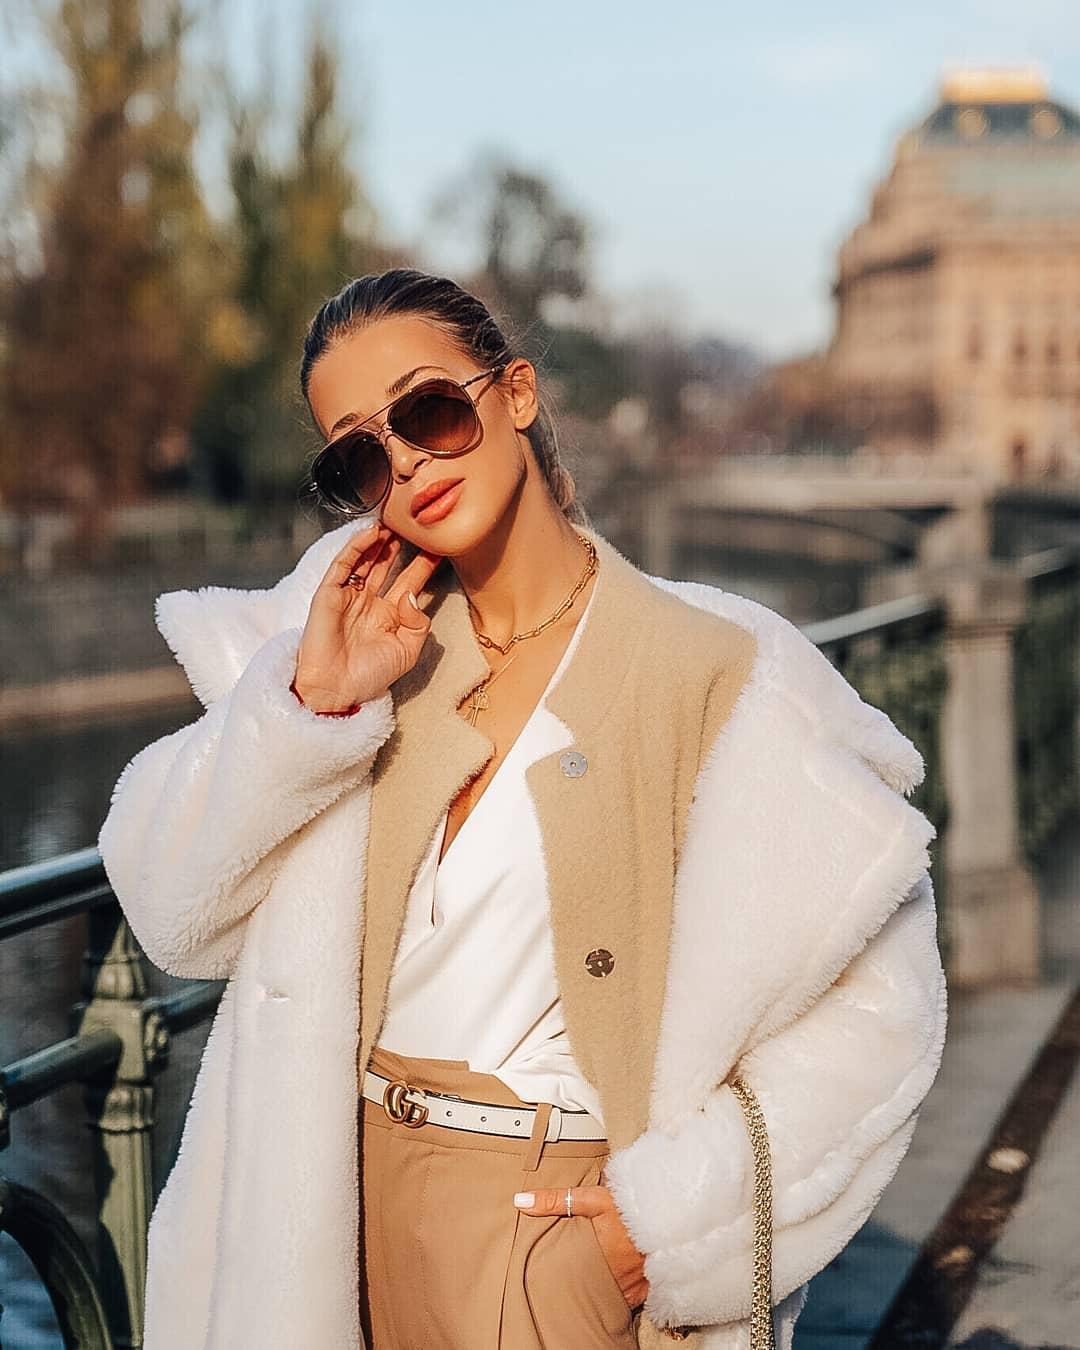 Dnešní #FashionFriday je pod taktovkou @fashioninspobyhana ioninspobyhana Miluje všechny odstíny béžové, hnědé a krémové a jakmile se venku ochladí vytahuje svůj nejdelší a nejteplejší kabát jako udělala i teď. Protože je ta největší milovnice slunečních brýlí a nosí je i v zimě, jsou pro ni stejně stylovým doplňkem jako kabelka. No a tyto zlaté #JimmyChoo s kamínky byly pro ni k tomuto outfitu jednoznačnou volbou Za nás rozhodně skvělý výběr, co na to říkáte? . . #slunecnibryle #sunglasses #dnesnosim #ootd #vasecocky